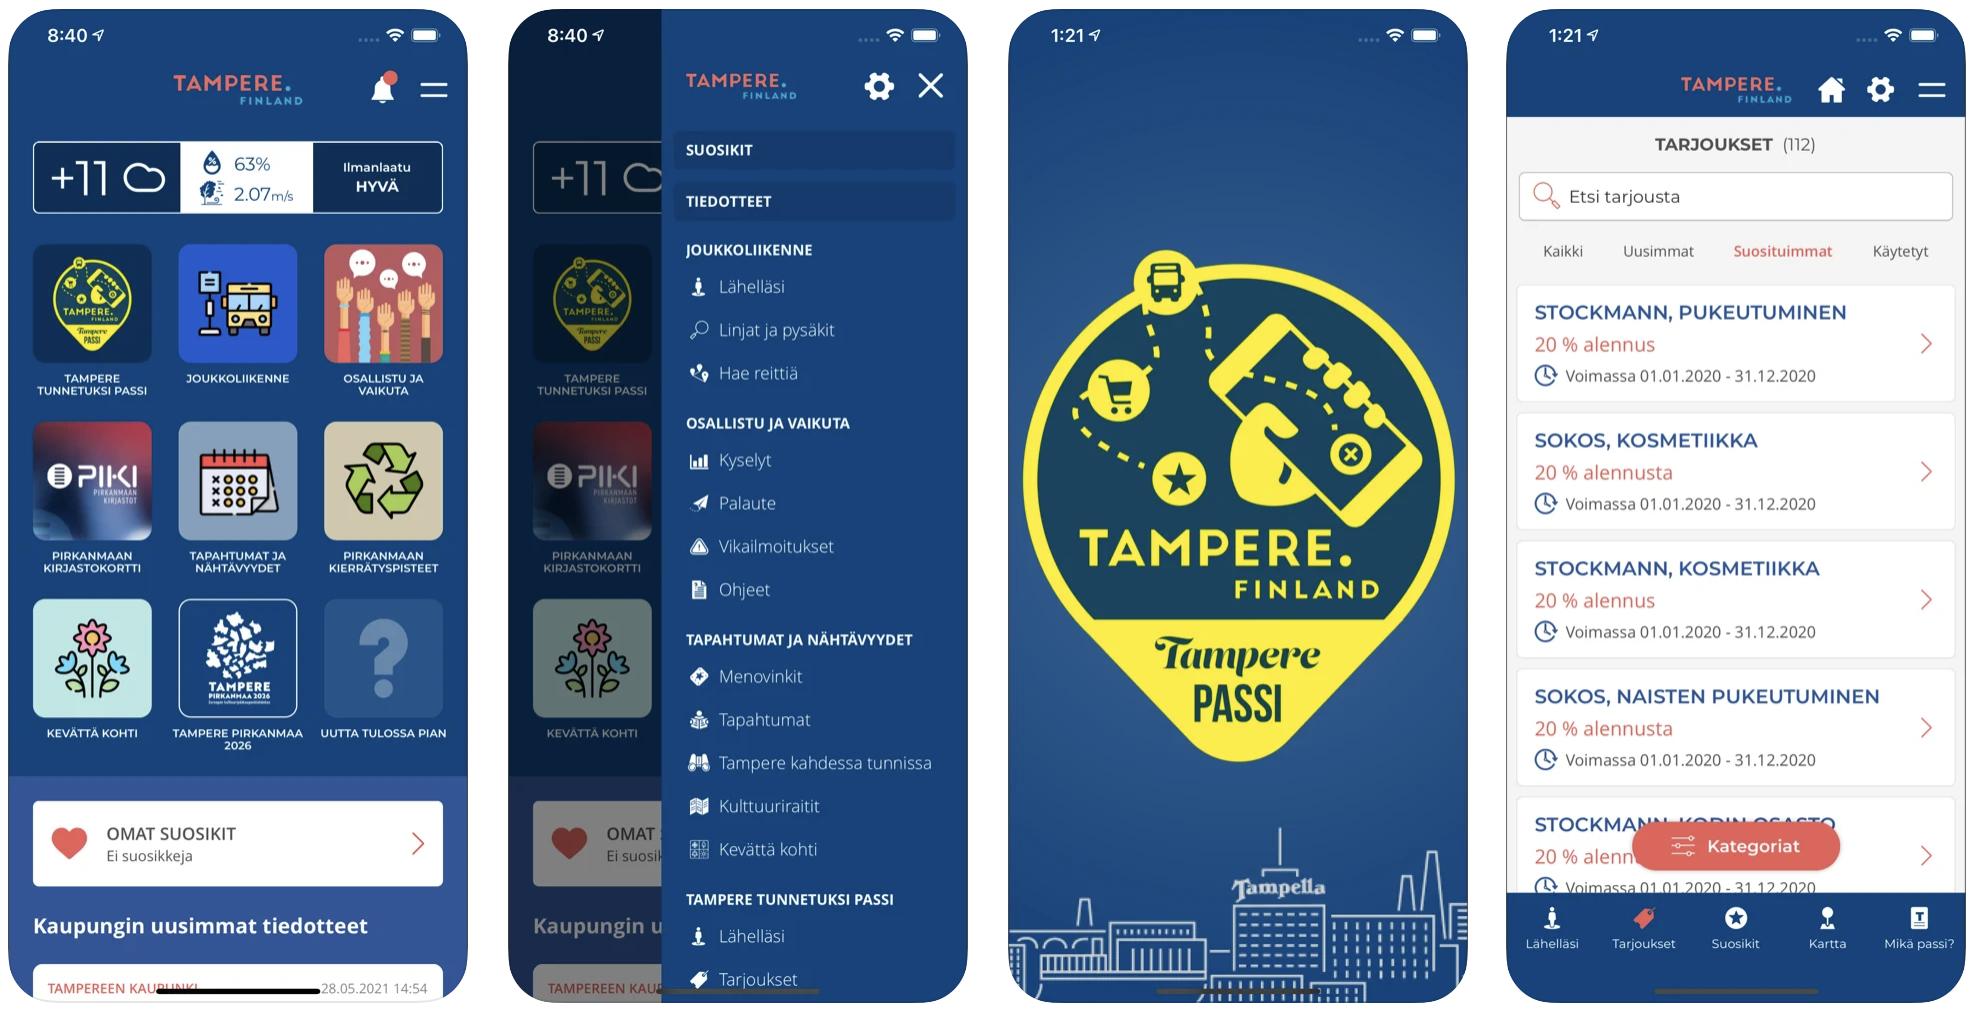 Tampere.Finland-sovelluksen iPhone-näyttökuvat